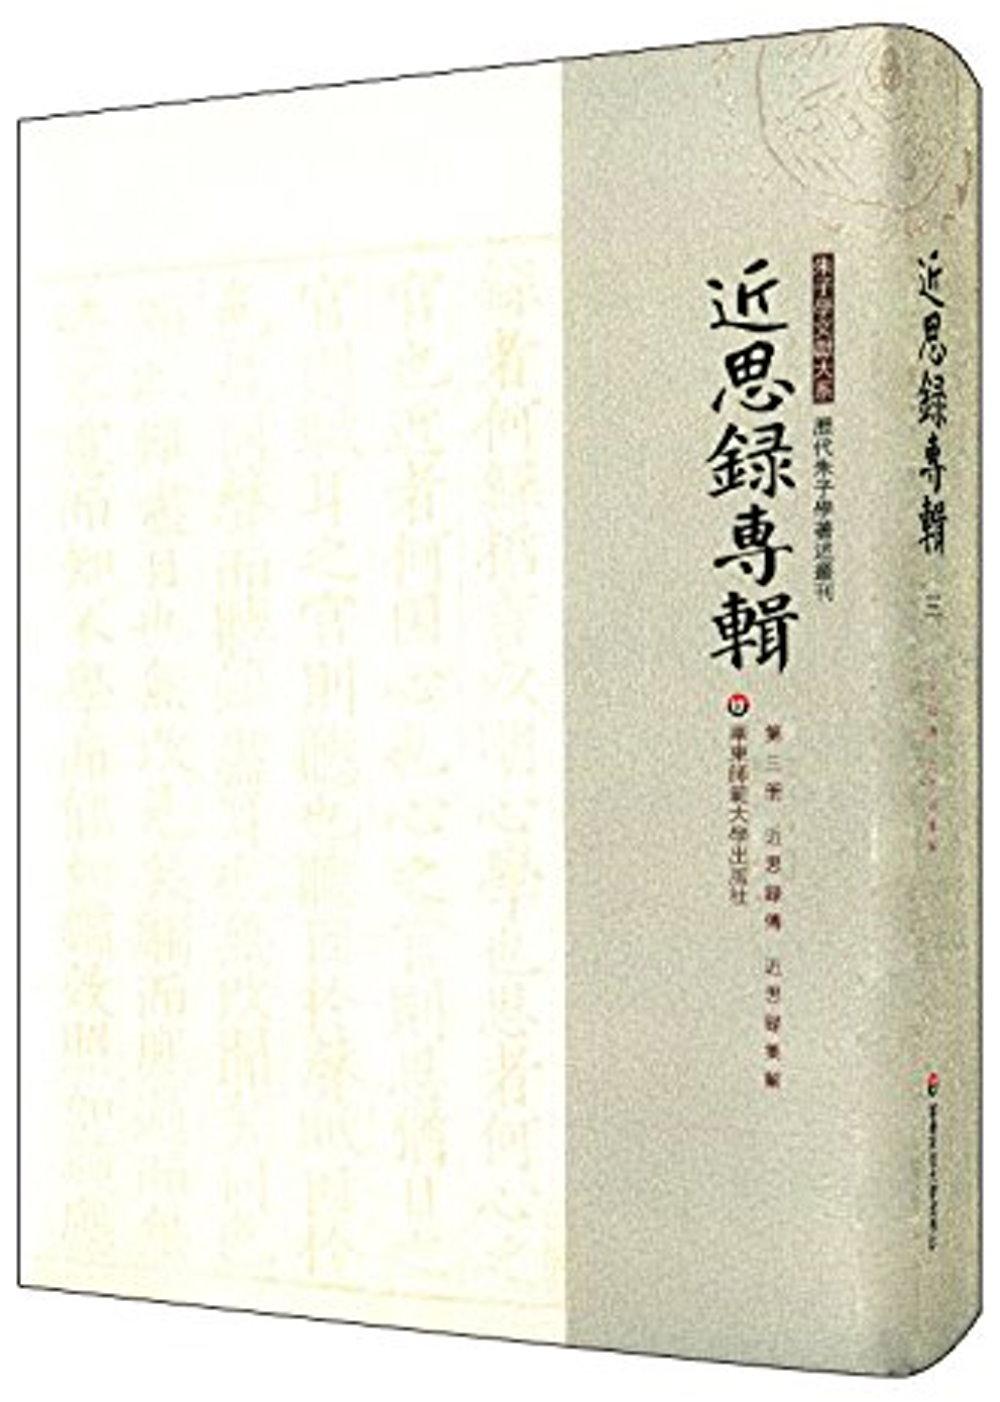 近思錄專輯第三冊:近思錄傳 近思錄集解